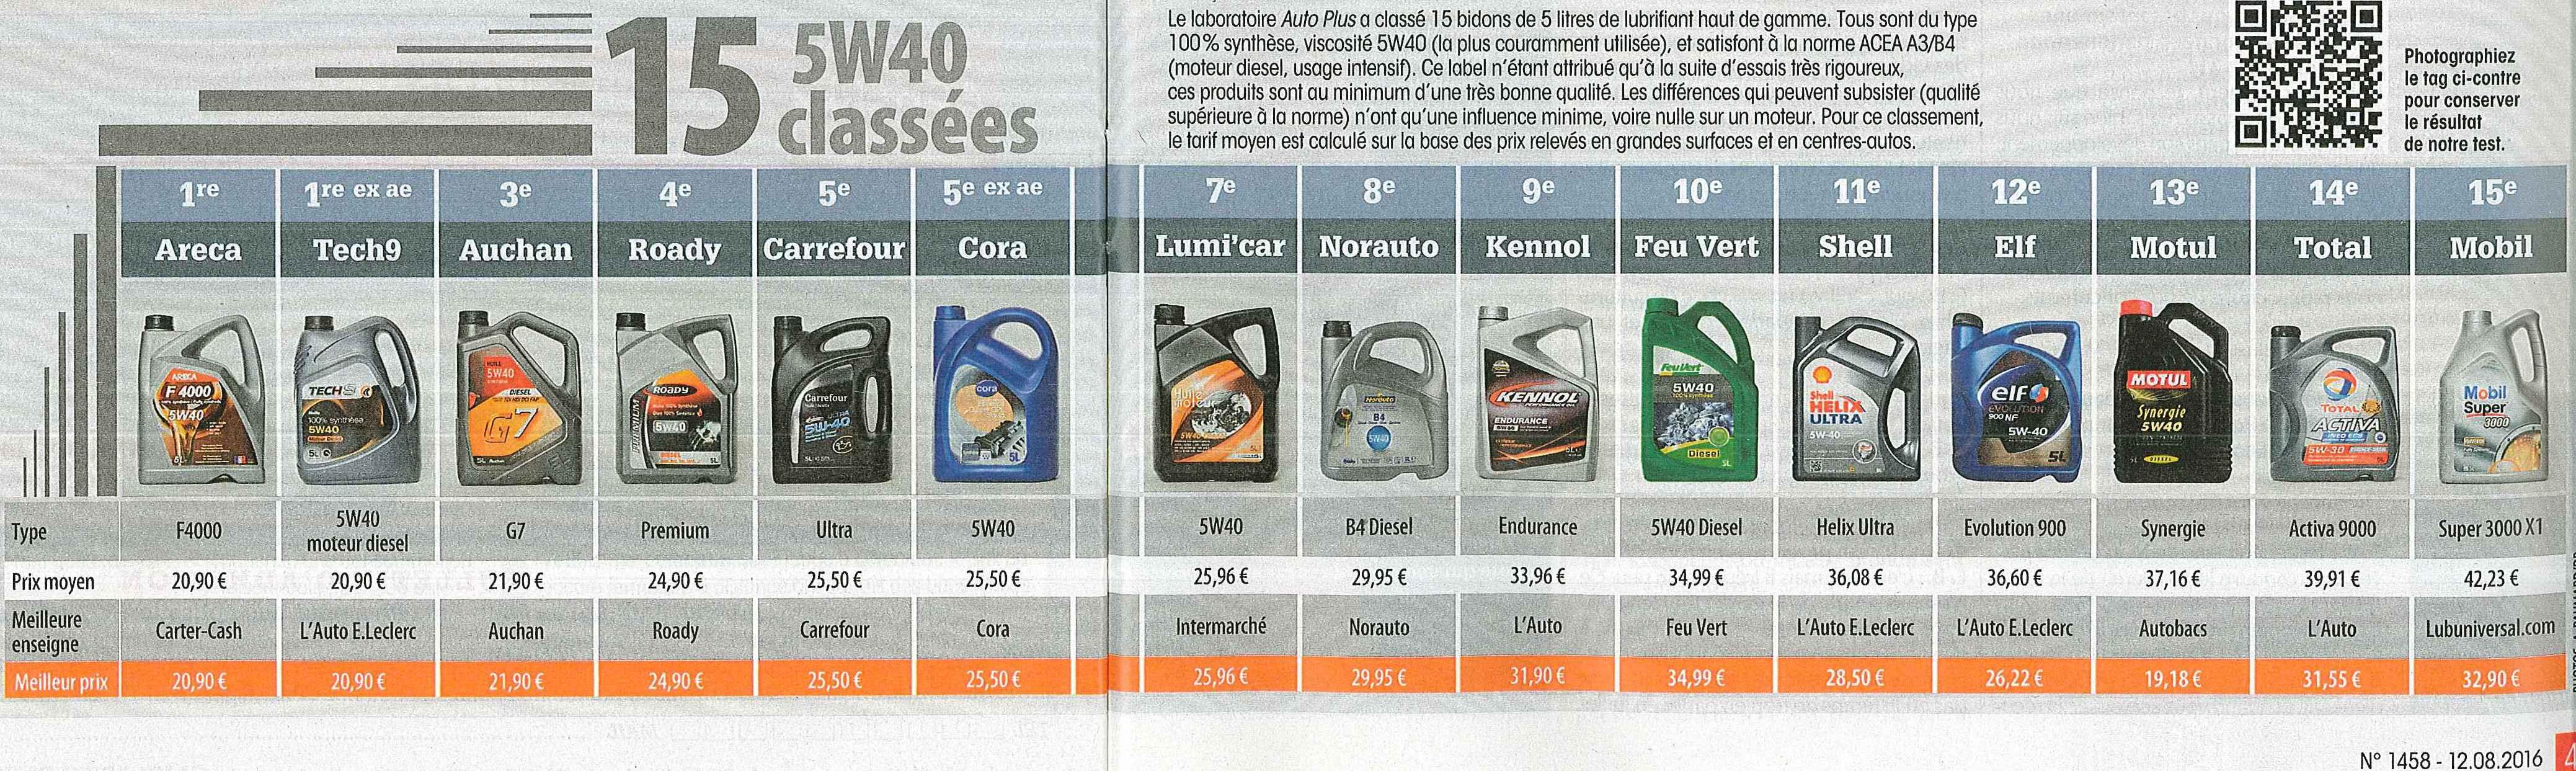 comparatif huile moteur